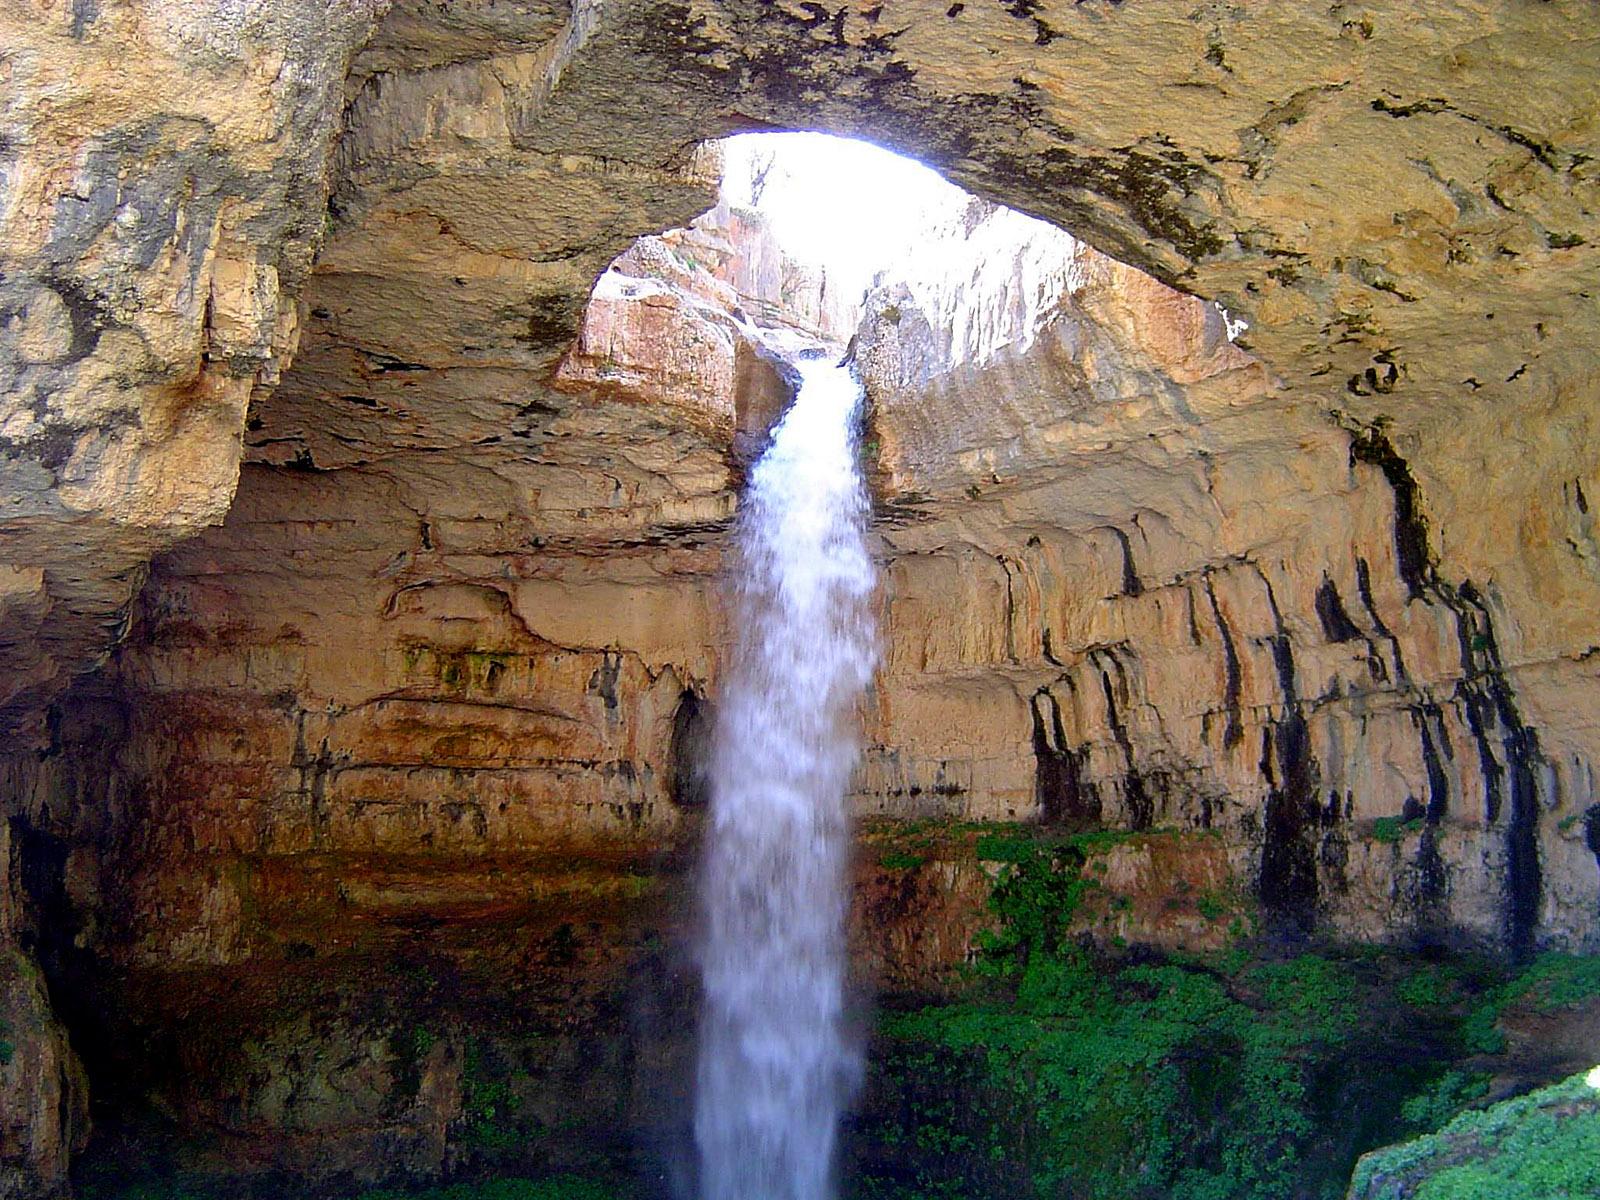 Během pár měsíců v roce je zdejší vodopád velmi populárním fotografickým modelem!